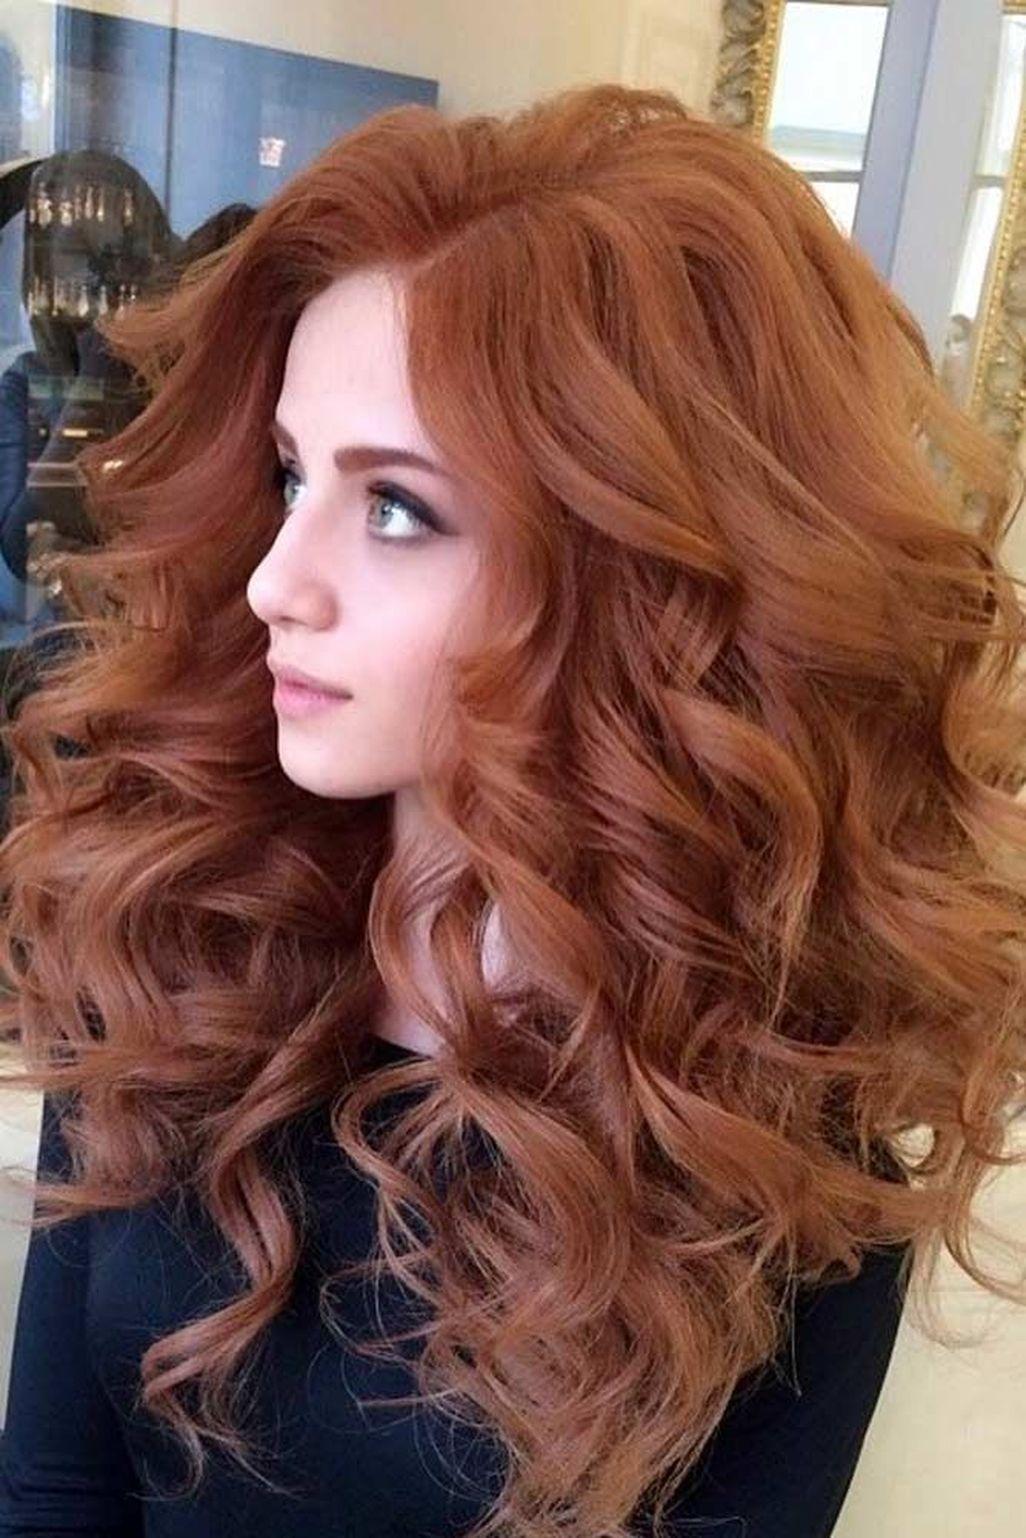 45 Creative Diy Curly Hairstyle Ideas Hair Styles Long Hair Styles Curled Wedding Hair